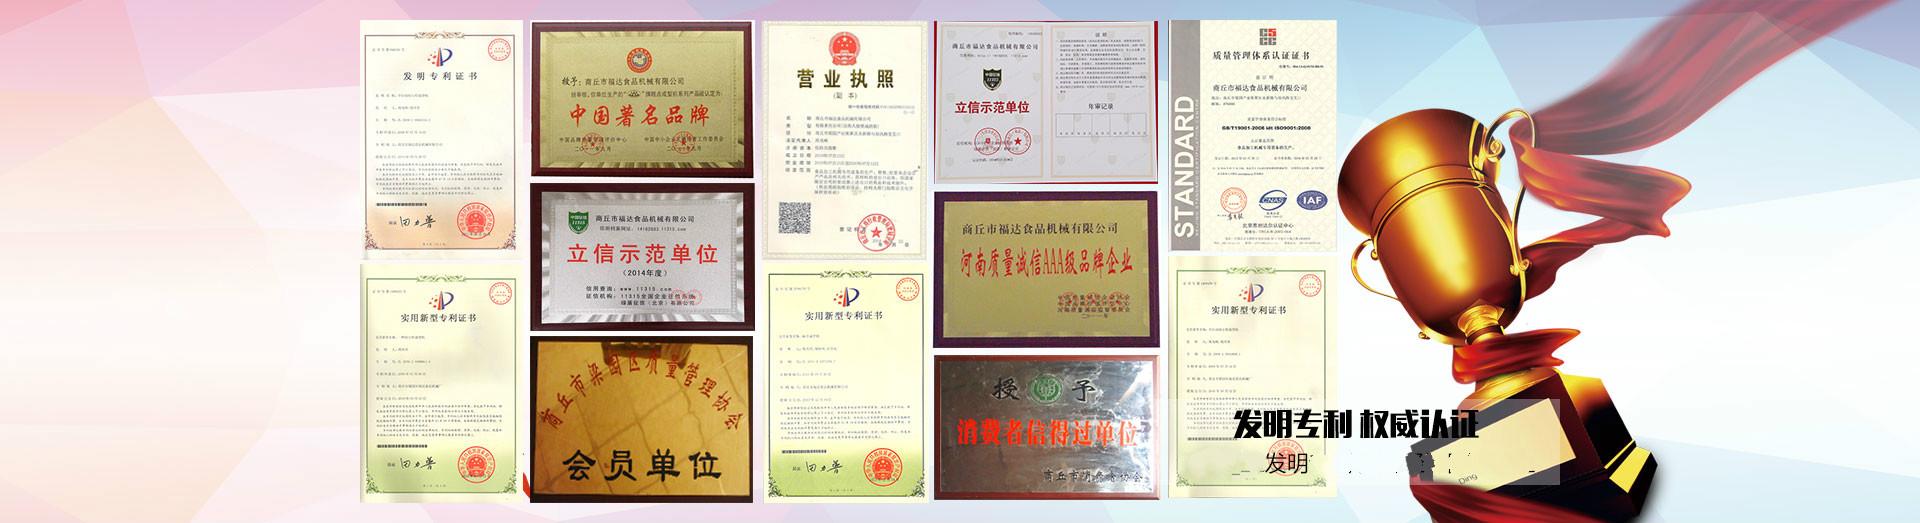 福通荣誉证书合集